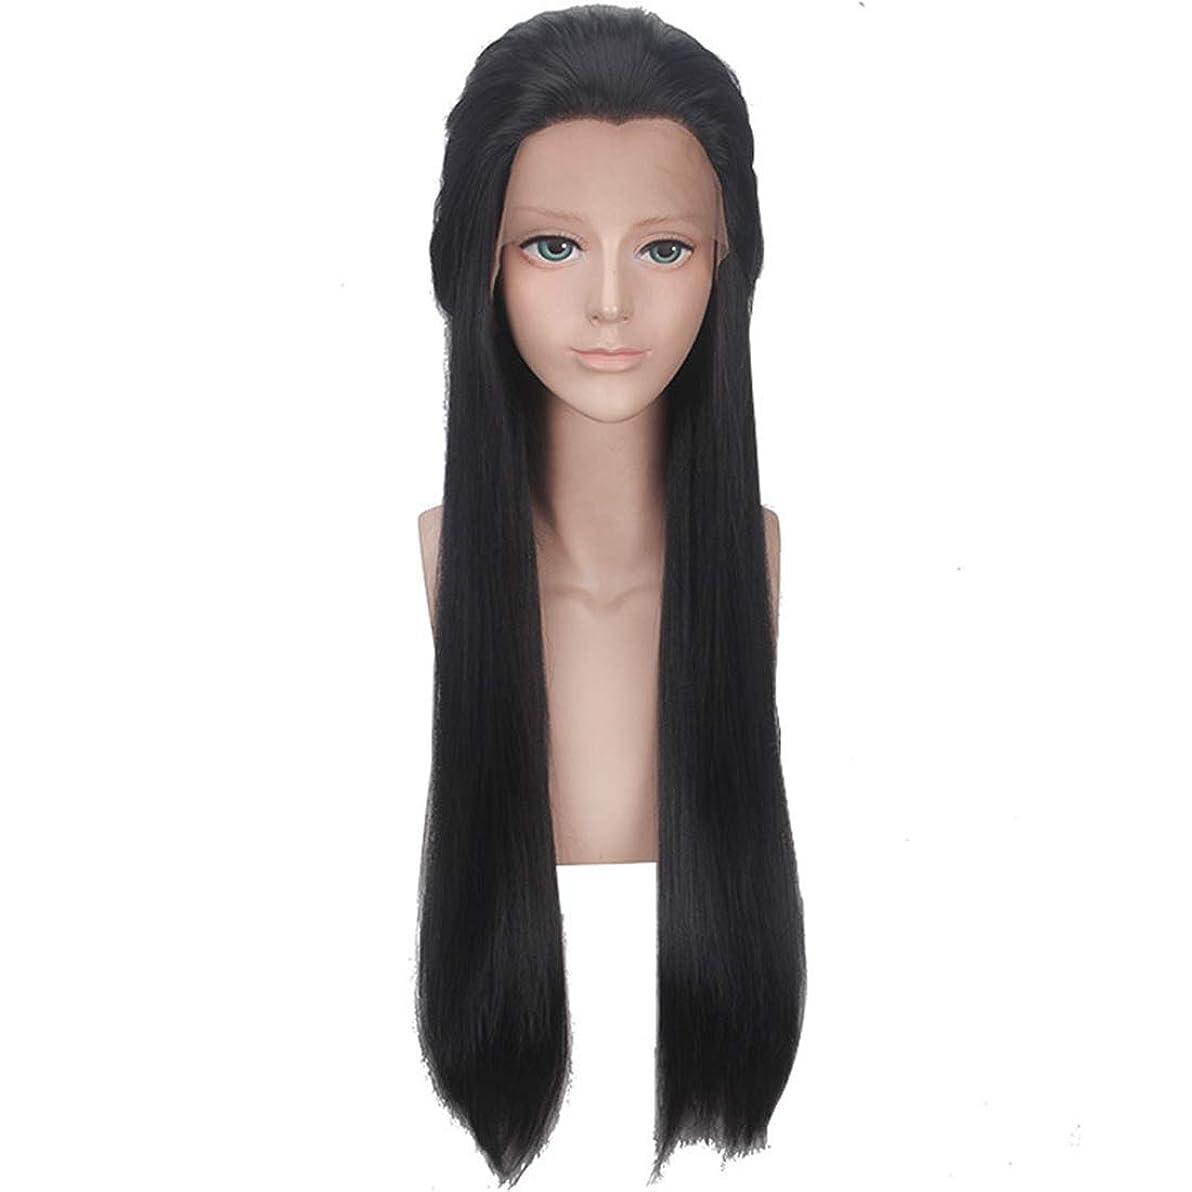 吐き出す意図する色合いJIANFU 女性 黒い 美しさは、長い ストレート ヘア 化学繊維 フロントレース ウィッグ ファッション ウィッグを指摘 (Color : ブラック)